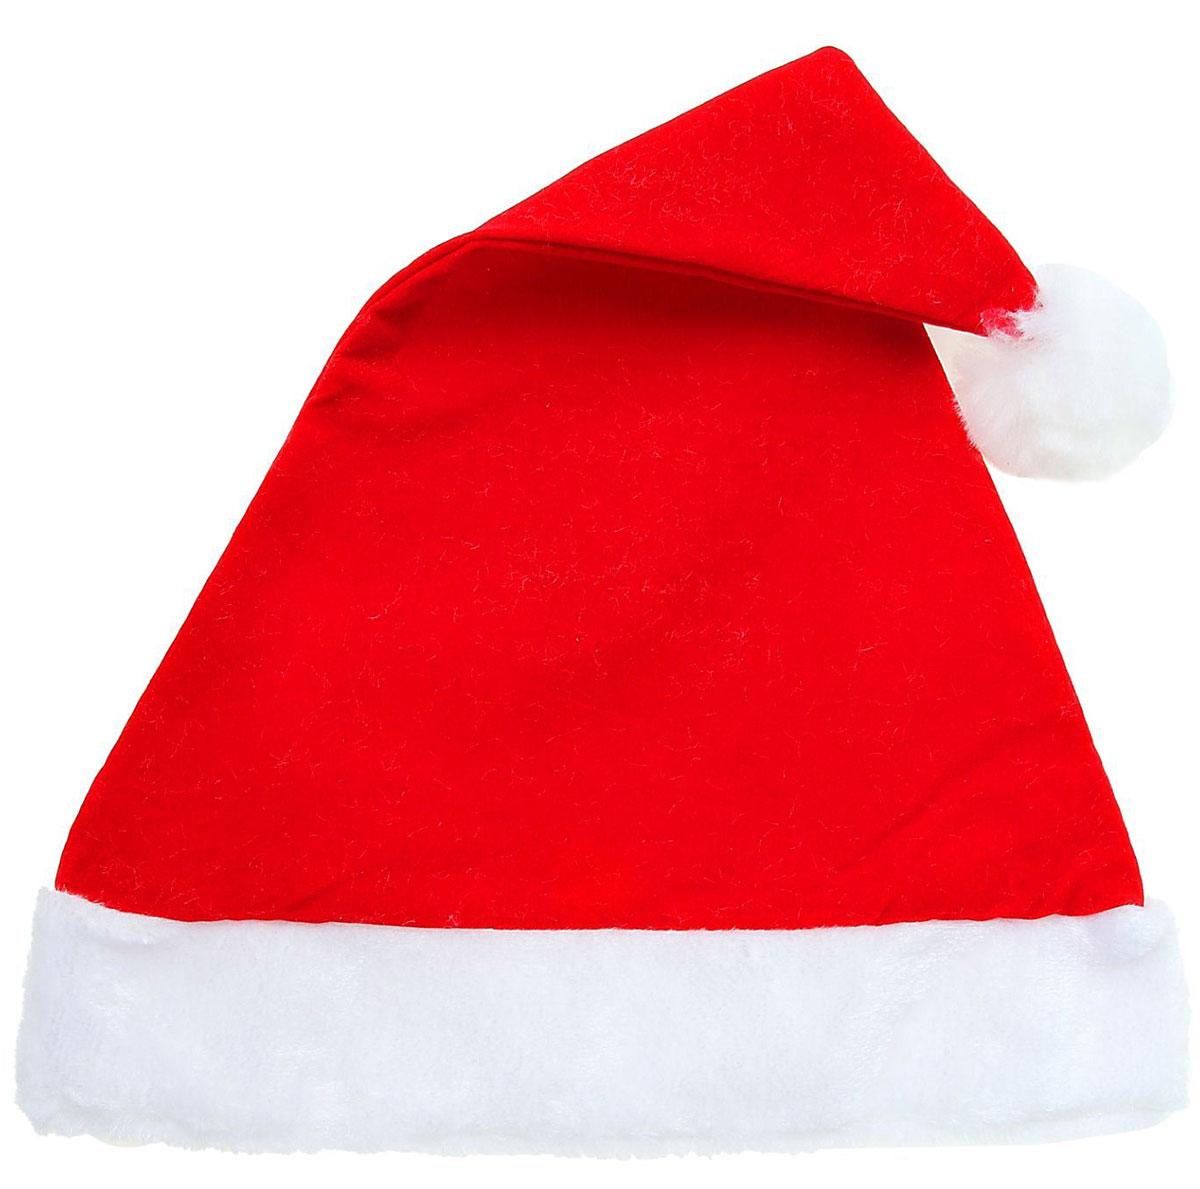 Колпак новогодний, цвет: бордовый, 29 х 40 см1112361Поддайтесь новогоднему веселью на полную катушку! Забавный колпак в секунду создаст праздничное настроение, будь то поздравление ребятишек или вечеринка с друзьями. Размер изделия универсальный: аксессуар подойдет как для ребенка, так и для взрослого. А мягкий текстиль позволит носить колпак с комфортом на протяжении всей новогодней ночи.